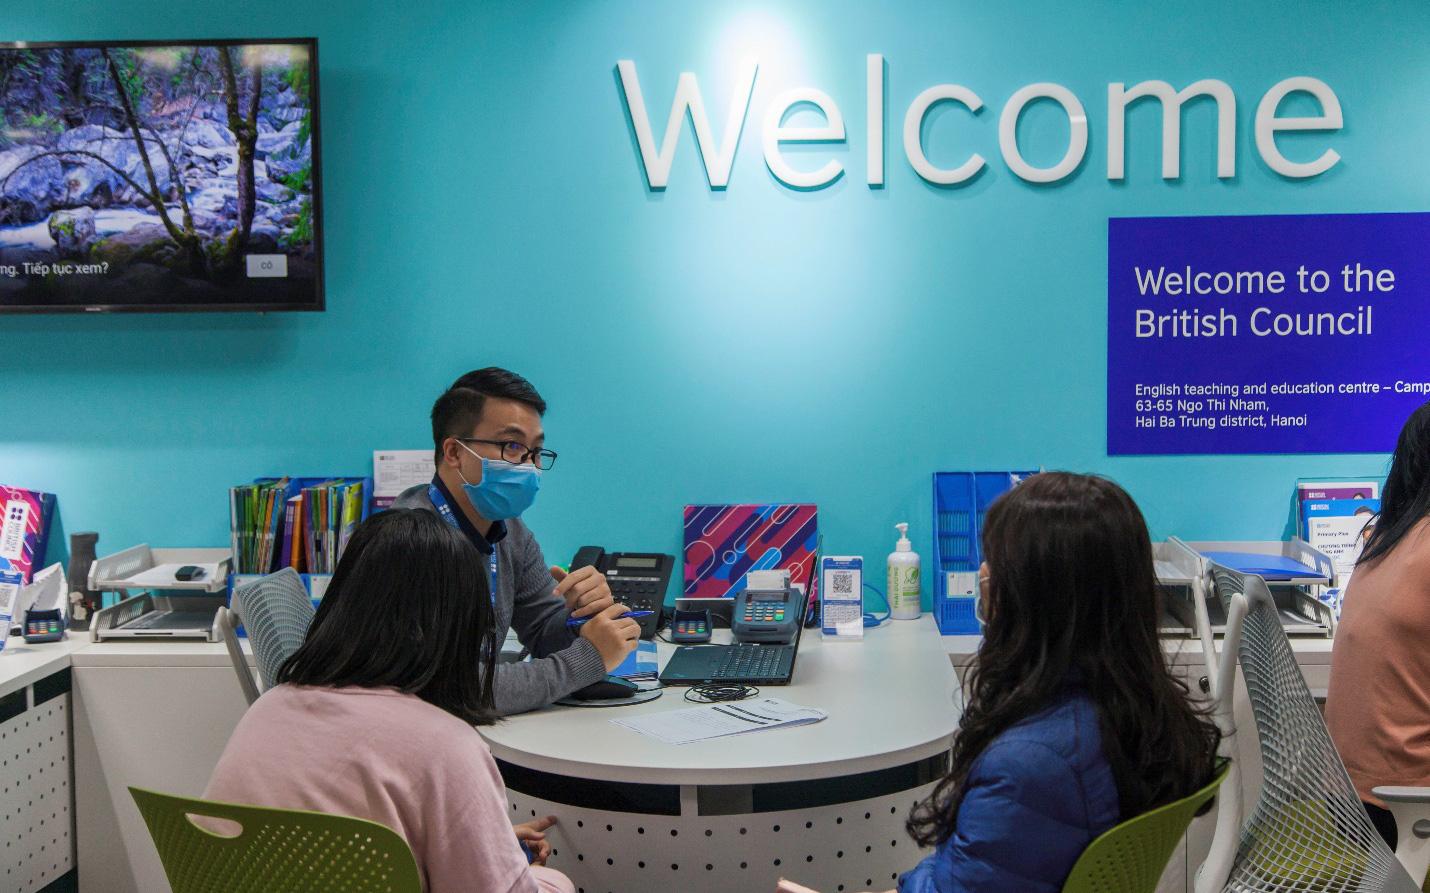 Hội đồng Anh mở trung tâm thứ ba tại Hà Nội